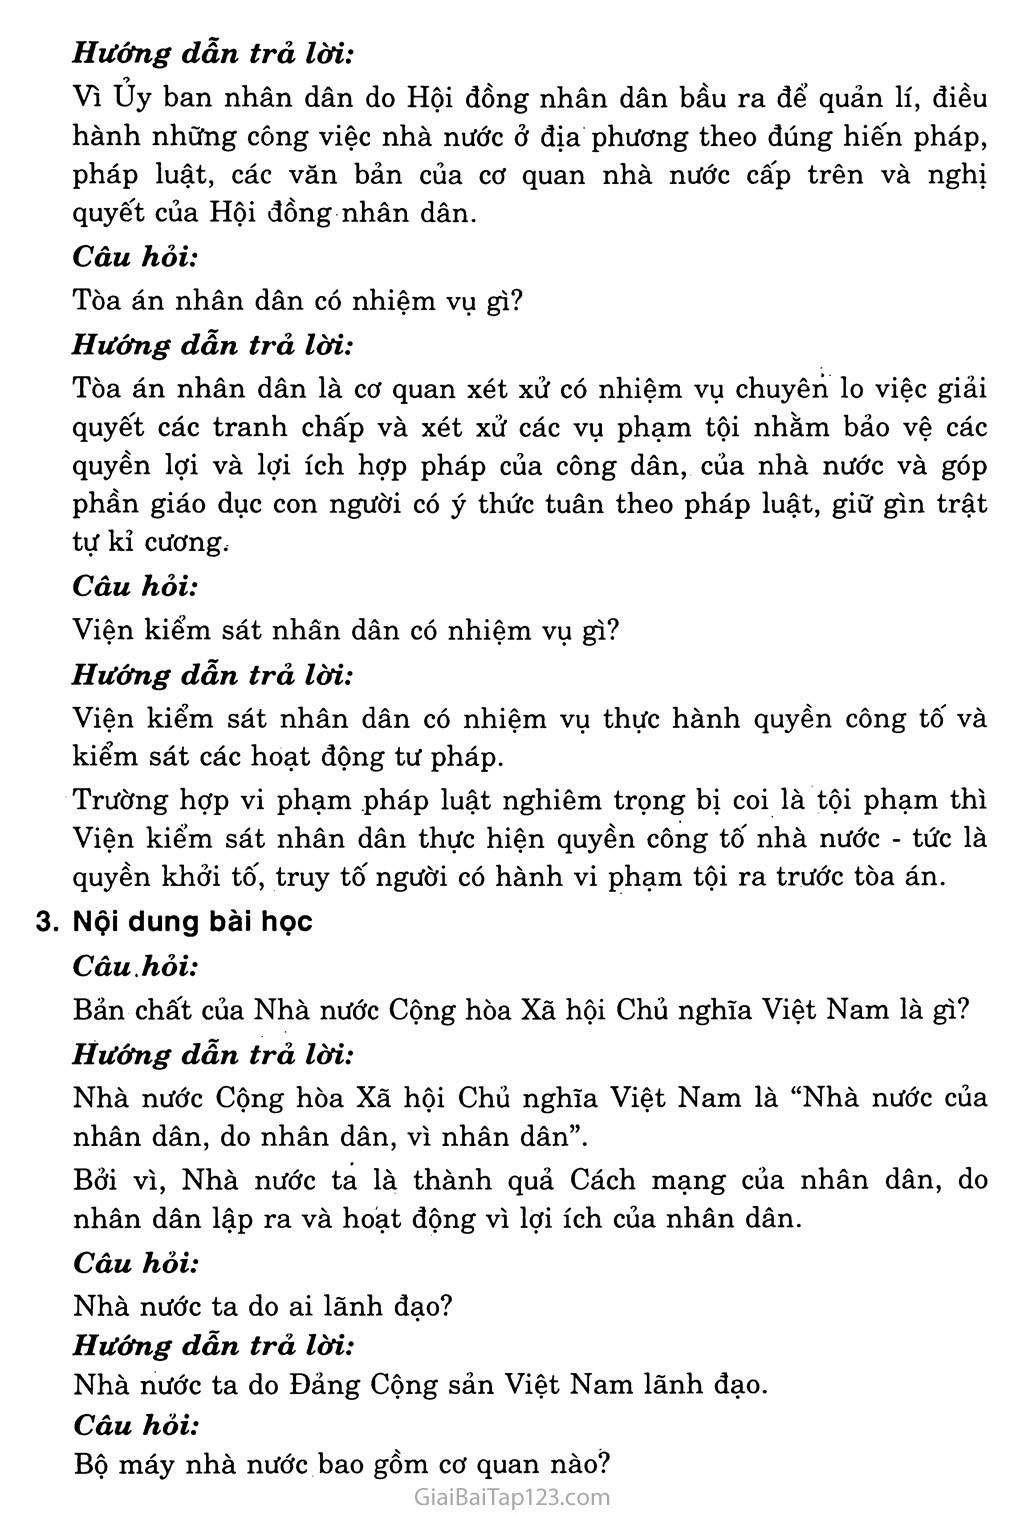 Bài 17: Nhà nước Cộng hòa xã hội chủ nghĩa Việt Nam trang 7